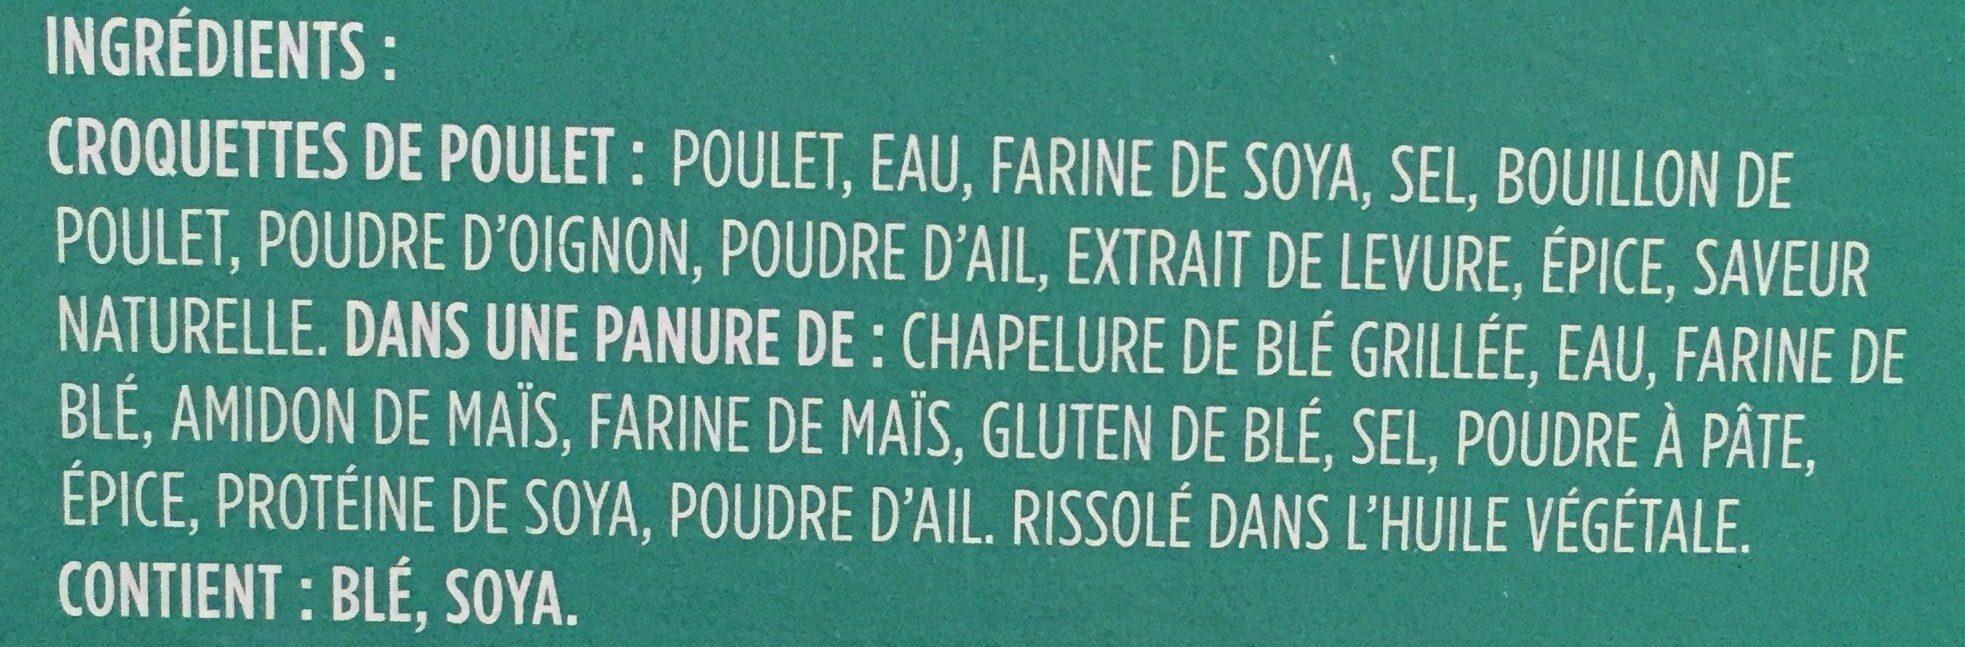 Croquette de poulet - Ingredients - fr